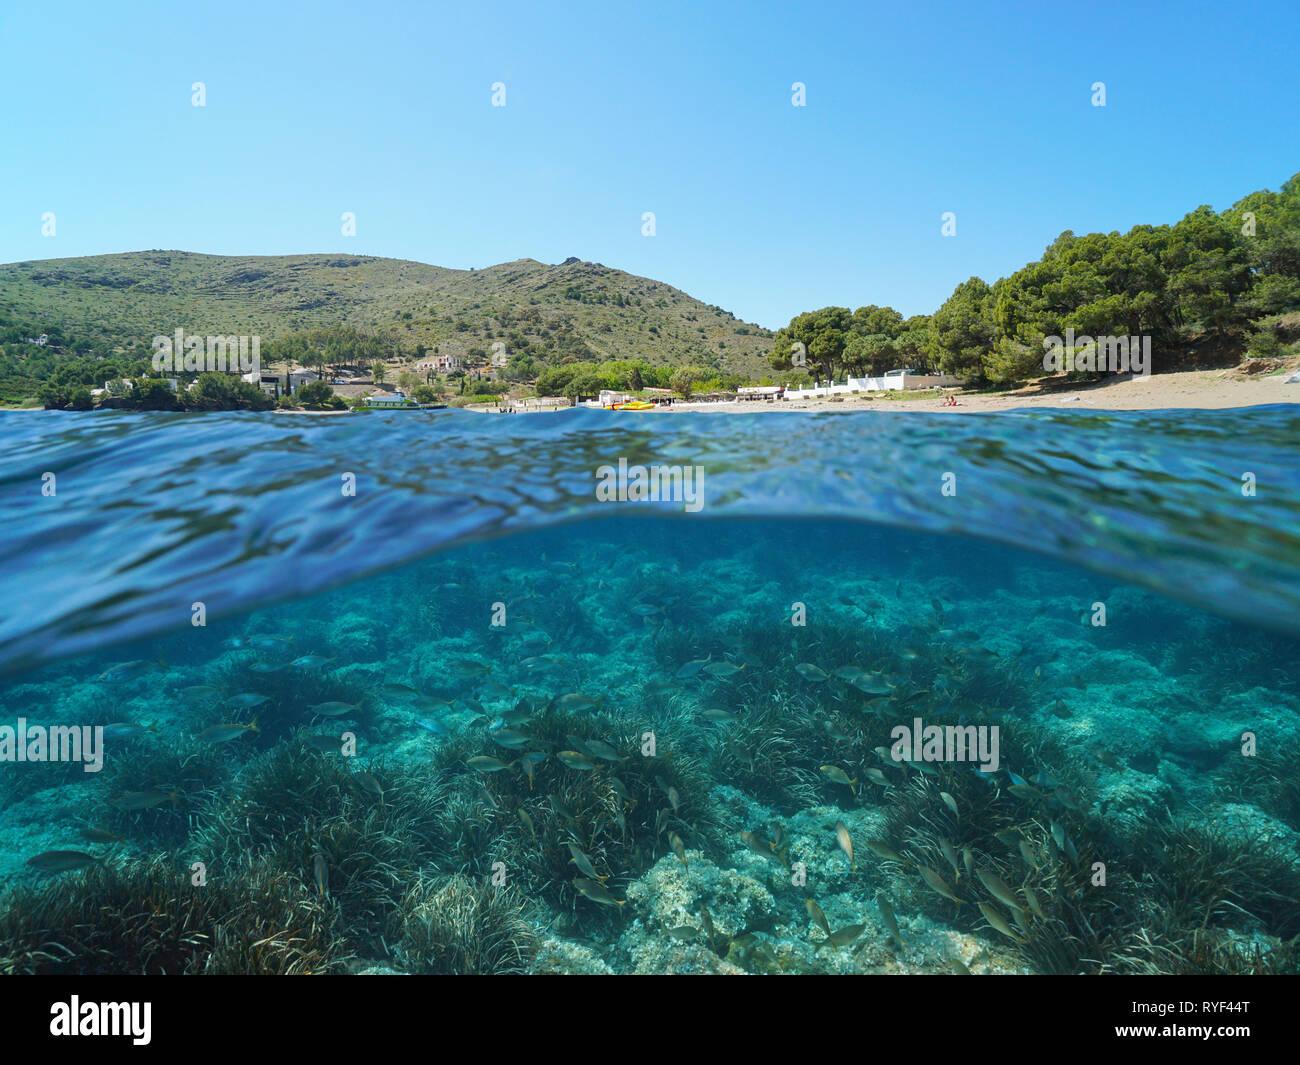 España Costa Brava con peces y algas submarinas, mar mediterráneo, cala Montjoi, Roses, Cataluña, vista dividida por la mitad y bajo el agua. Foto de stock